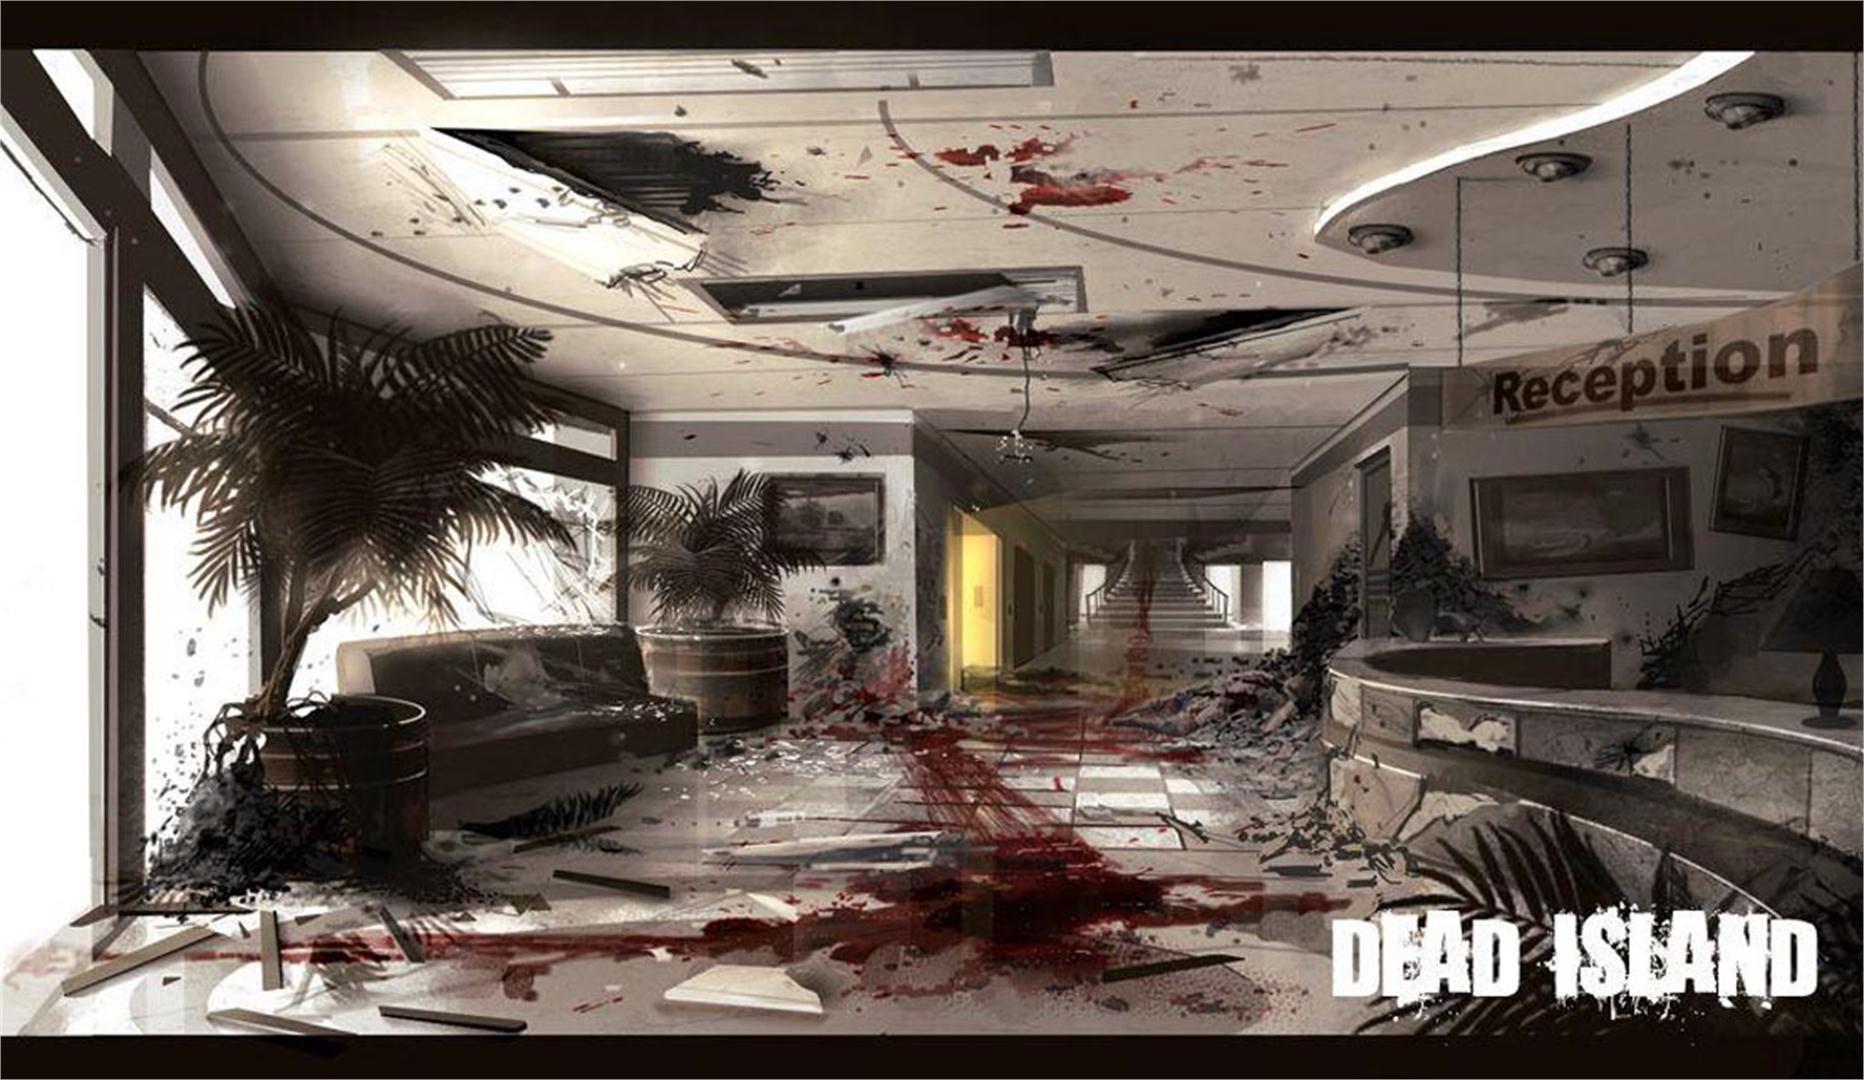 Avatar Wallpaper Hd 3d Zombie Desktop Wallpaper 401ak47 A Zombie Survival Plan